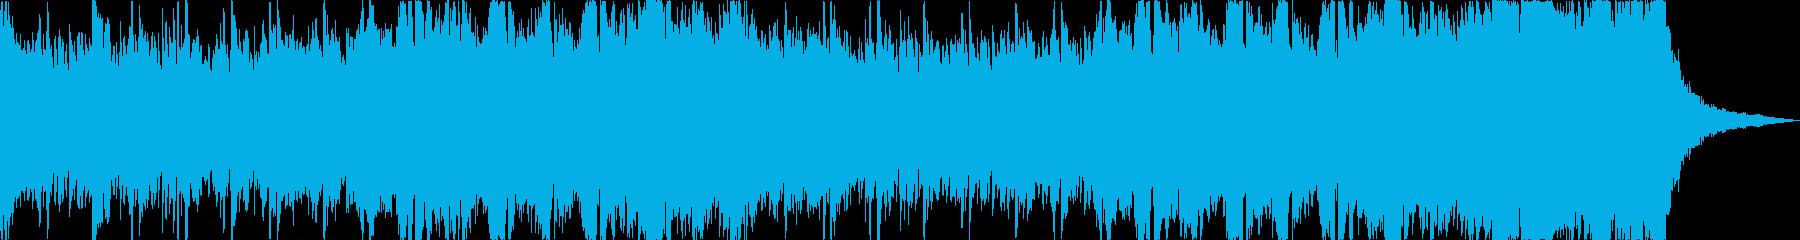 ホラーの再生済みの波形